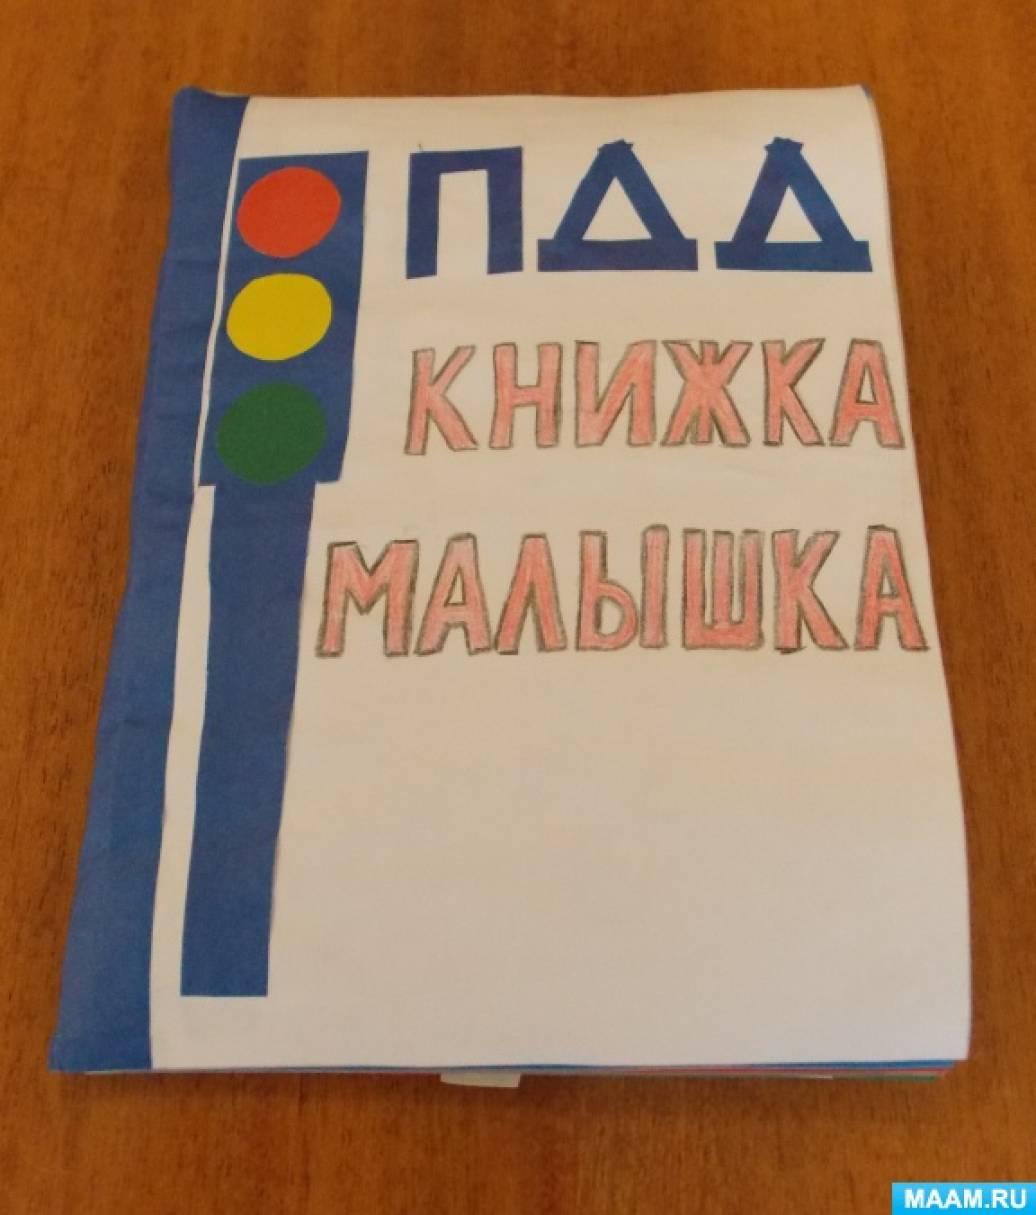 картинки для книжки малышки своими руками из бумаги про пдд это синонимы